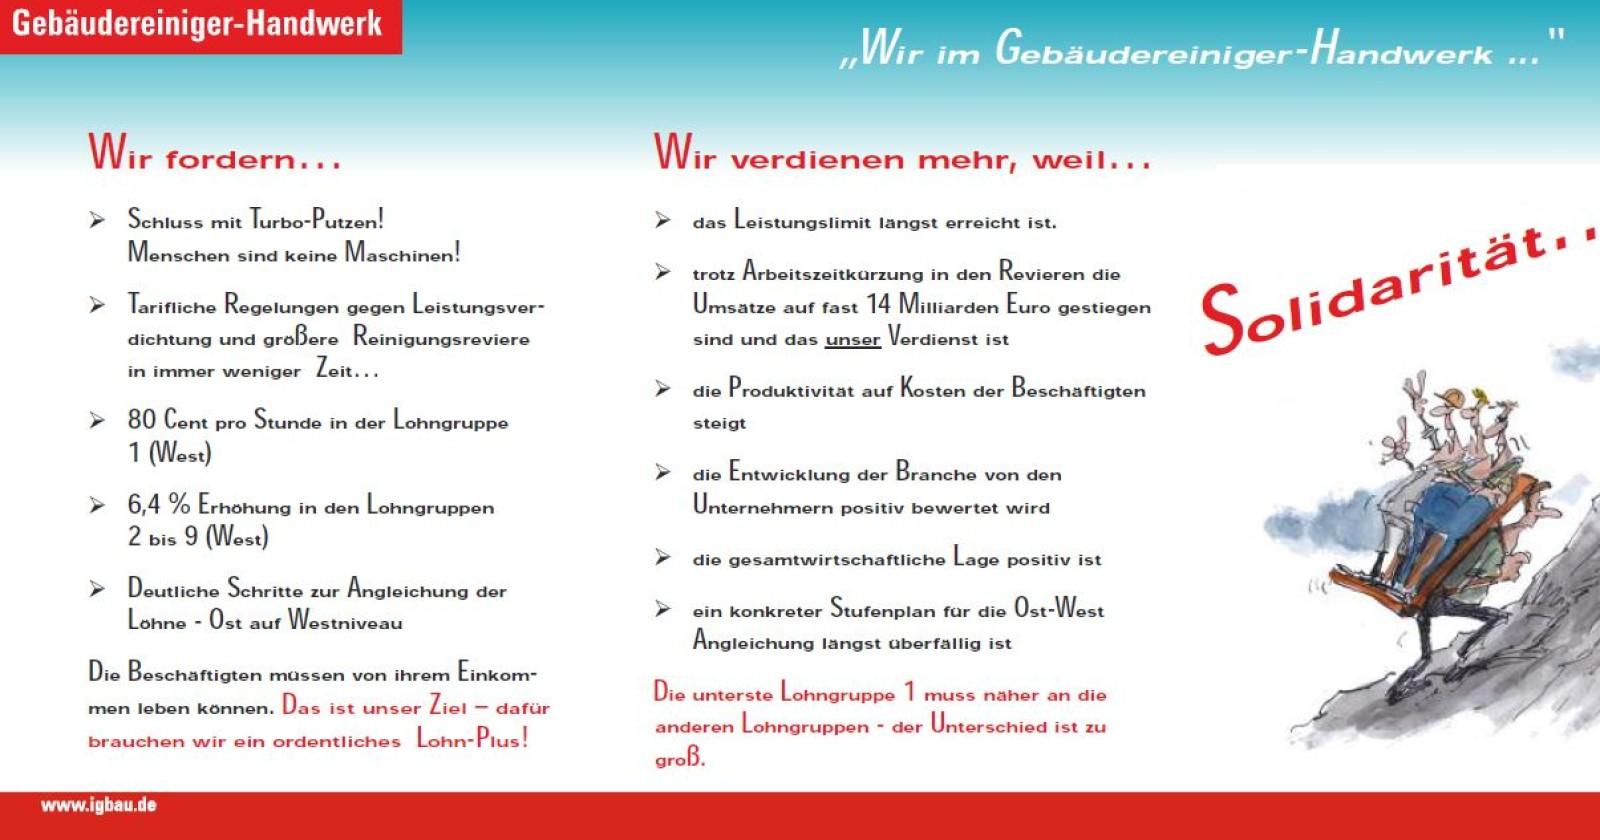 Tarif-Flugblatt: Wir im Gebäudereiniger-Handwerk